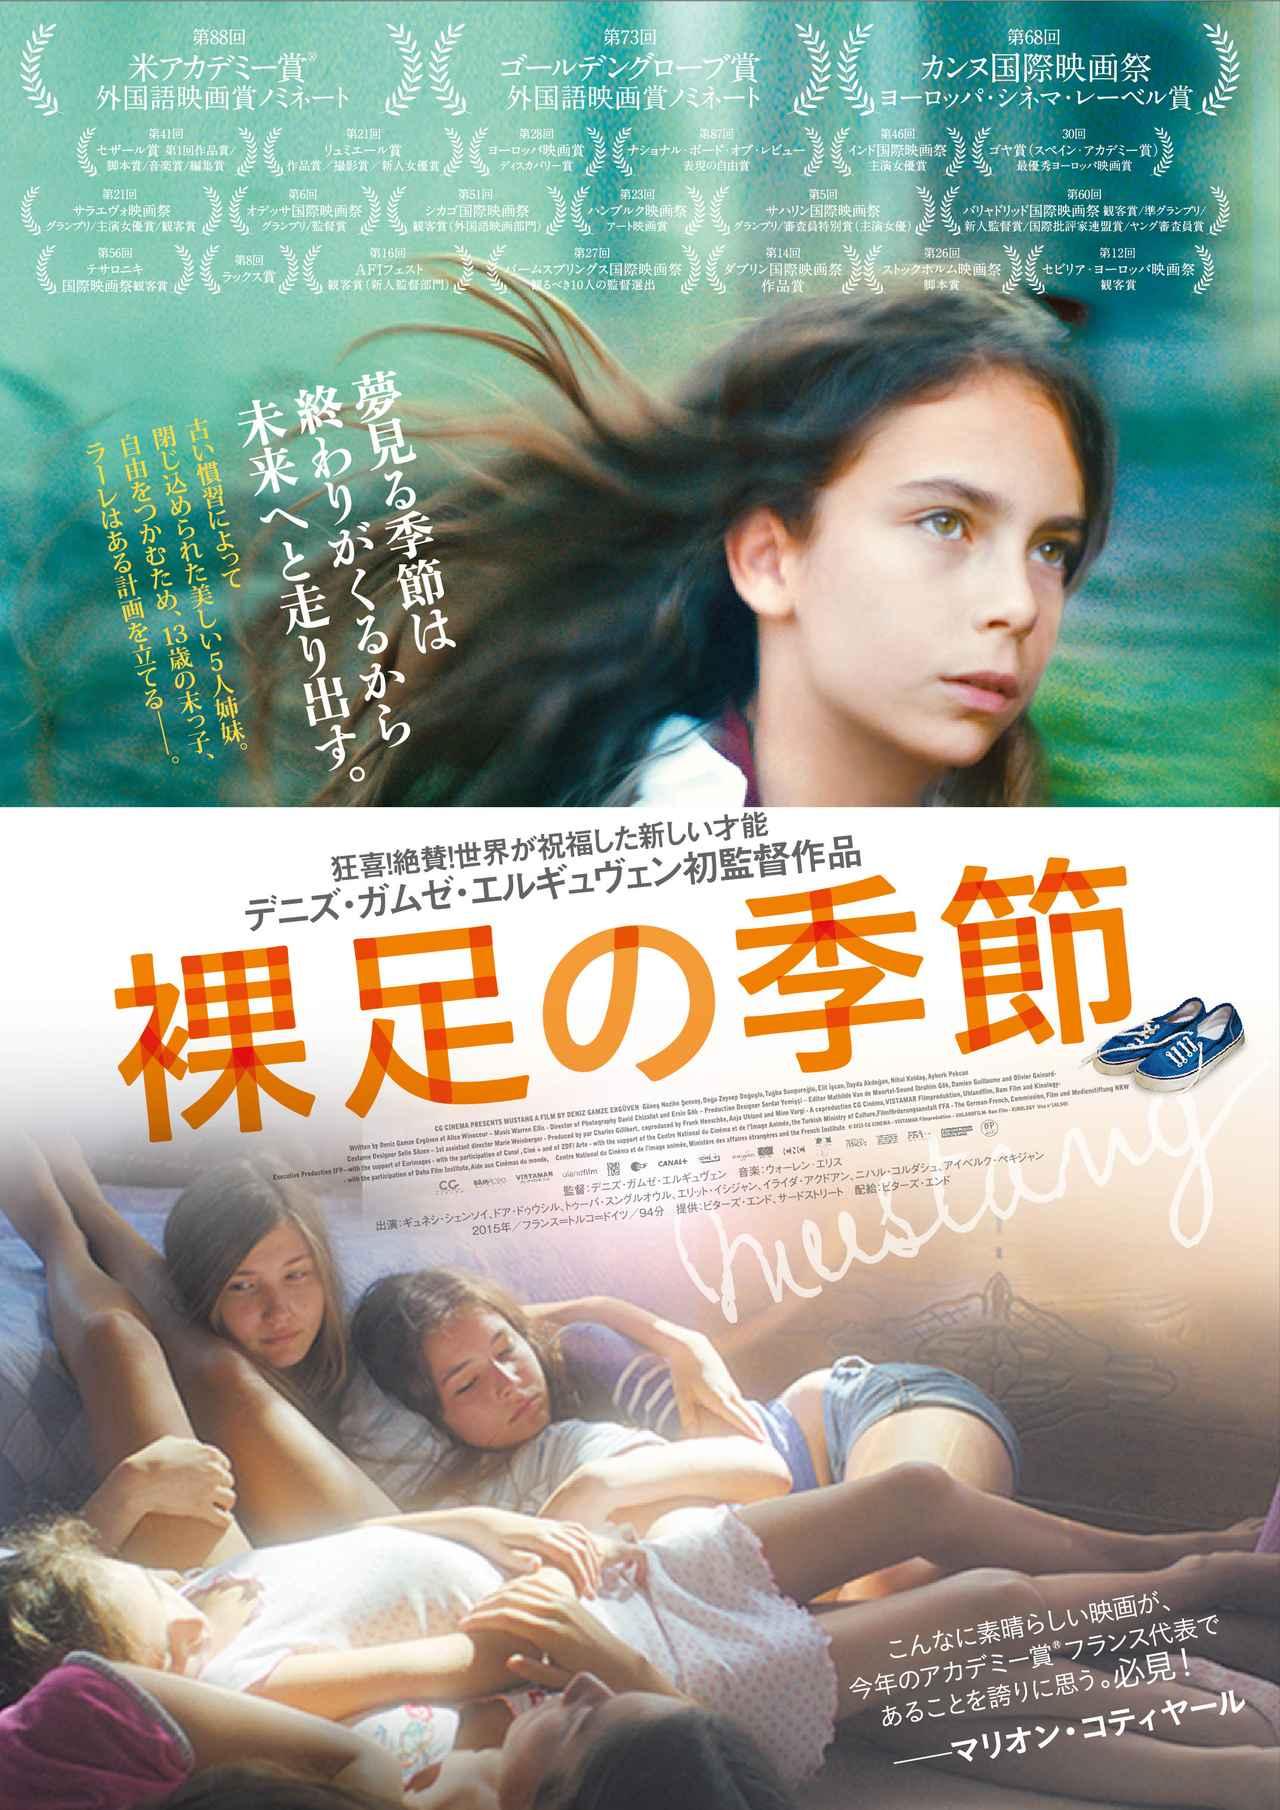 画像: © 2015 CG CINEMA – VISTAMAR Filmproduktion – UHLANDFILM- Bam Film – KINOLOGY